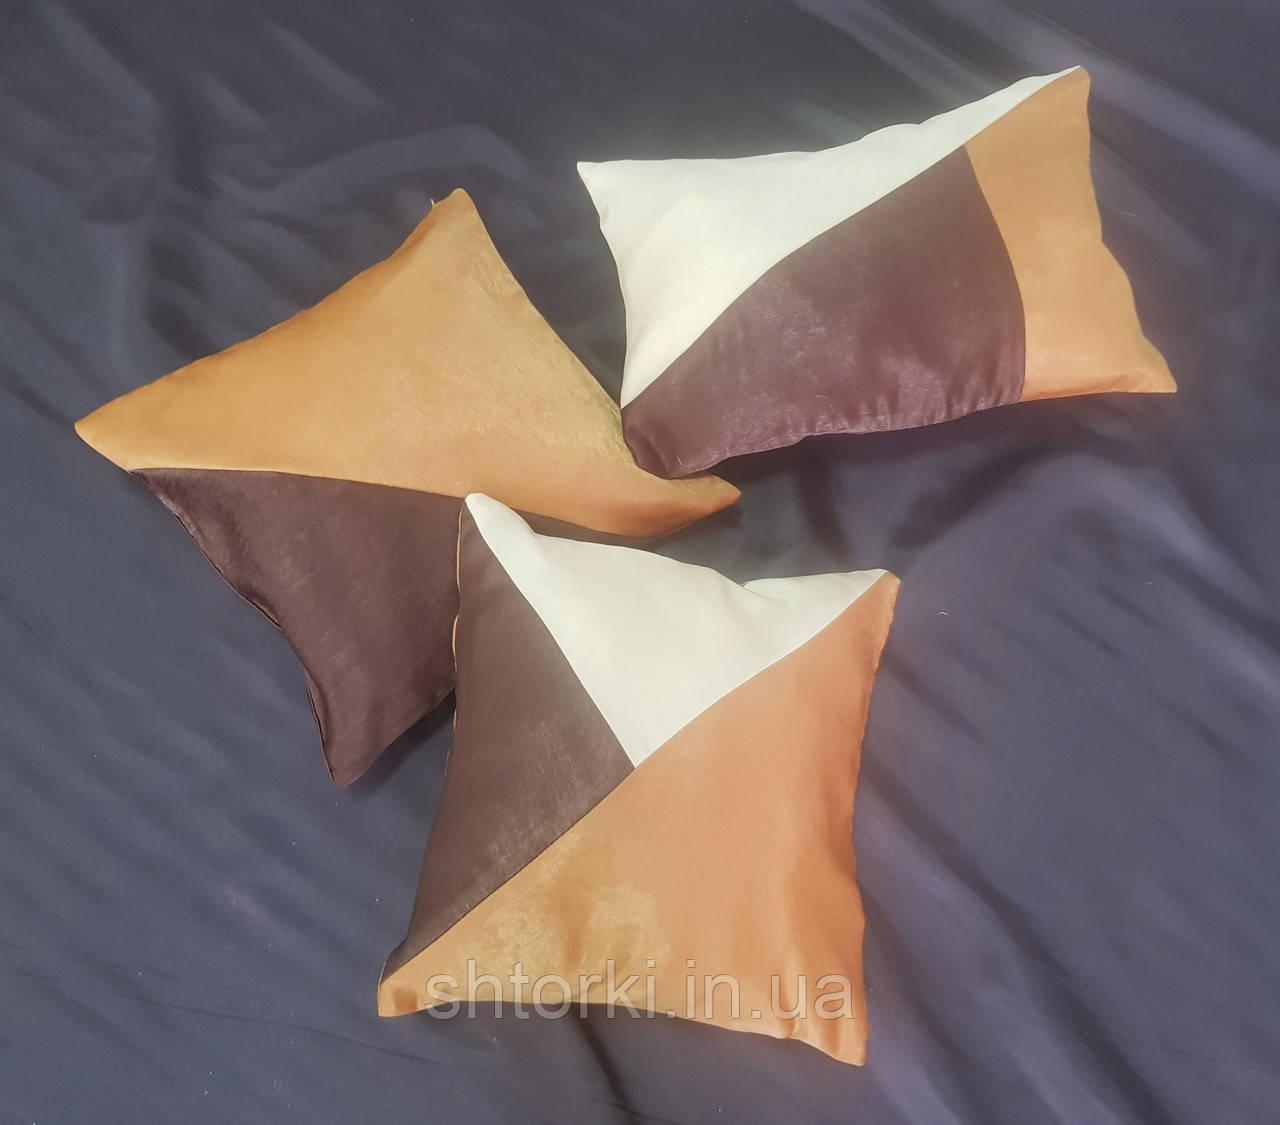 Комплект подушек Велюр коричневый, молочній, шоколад, 3шт